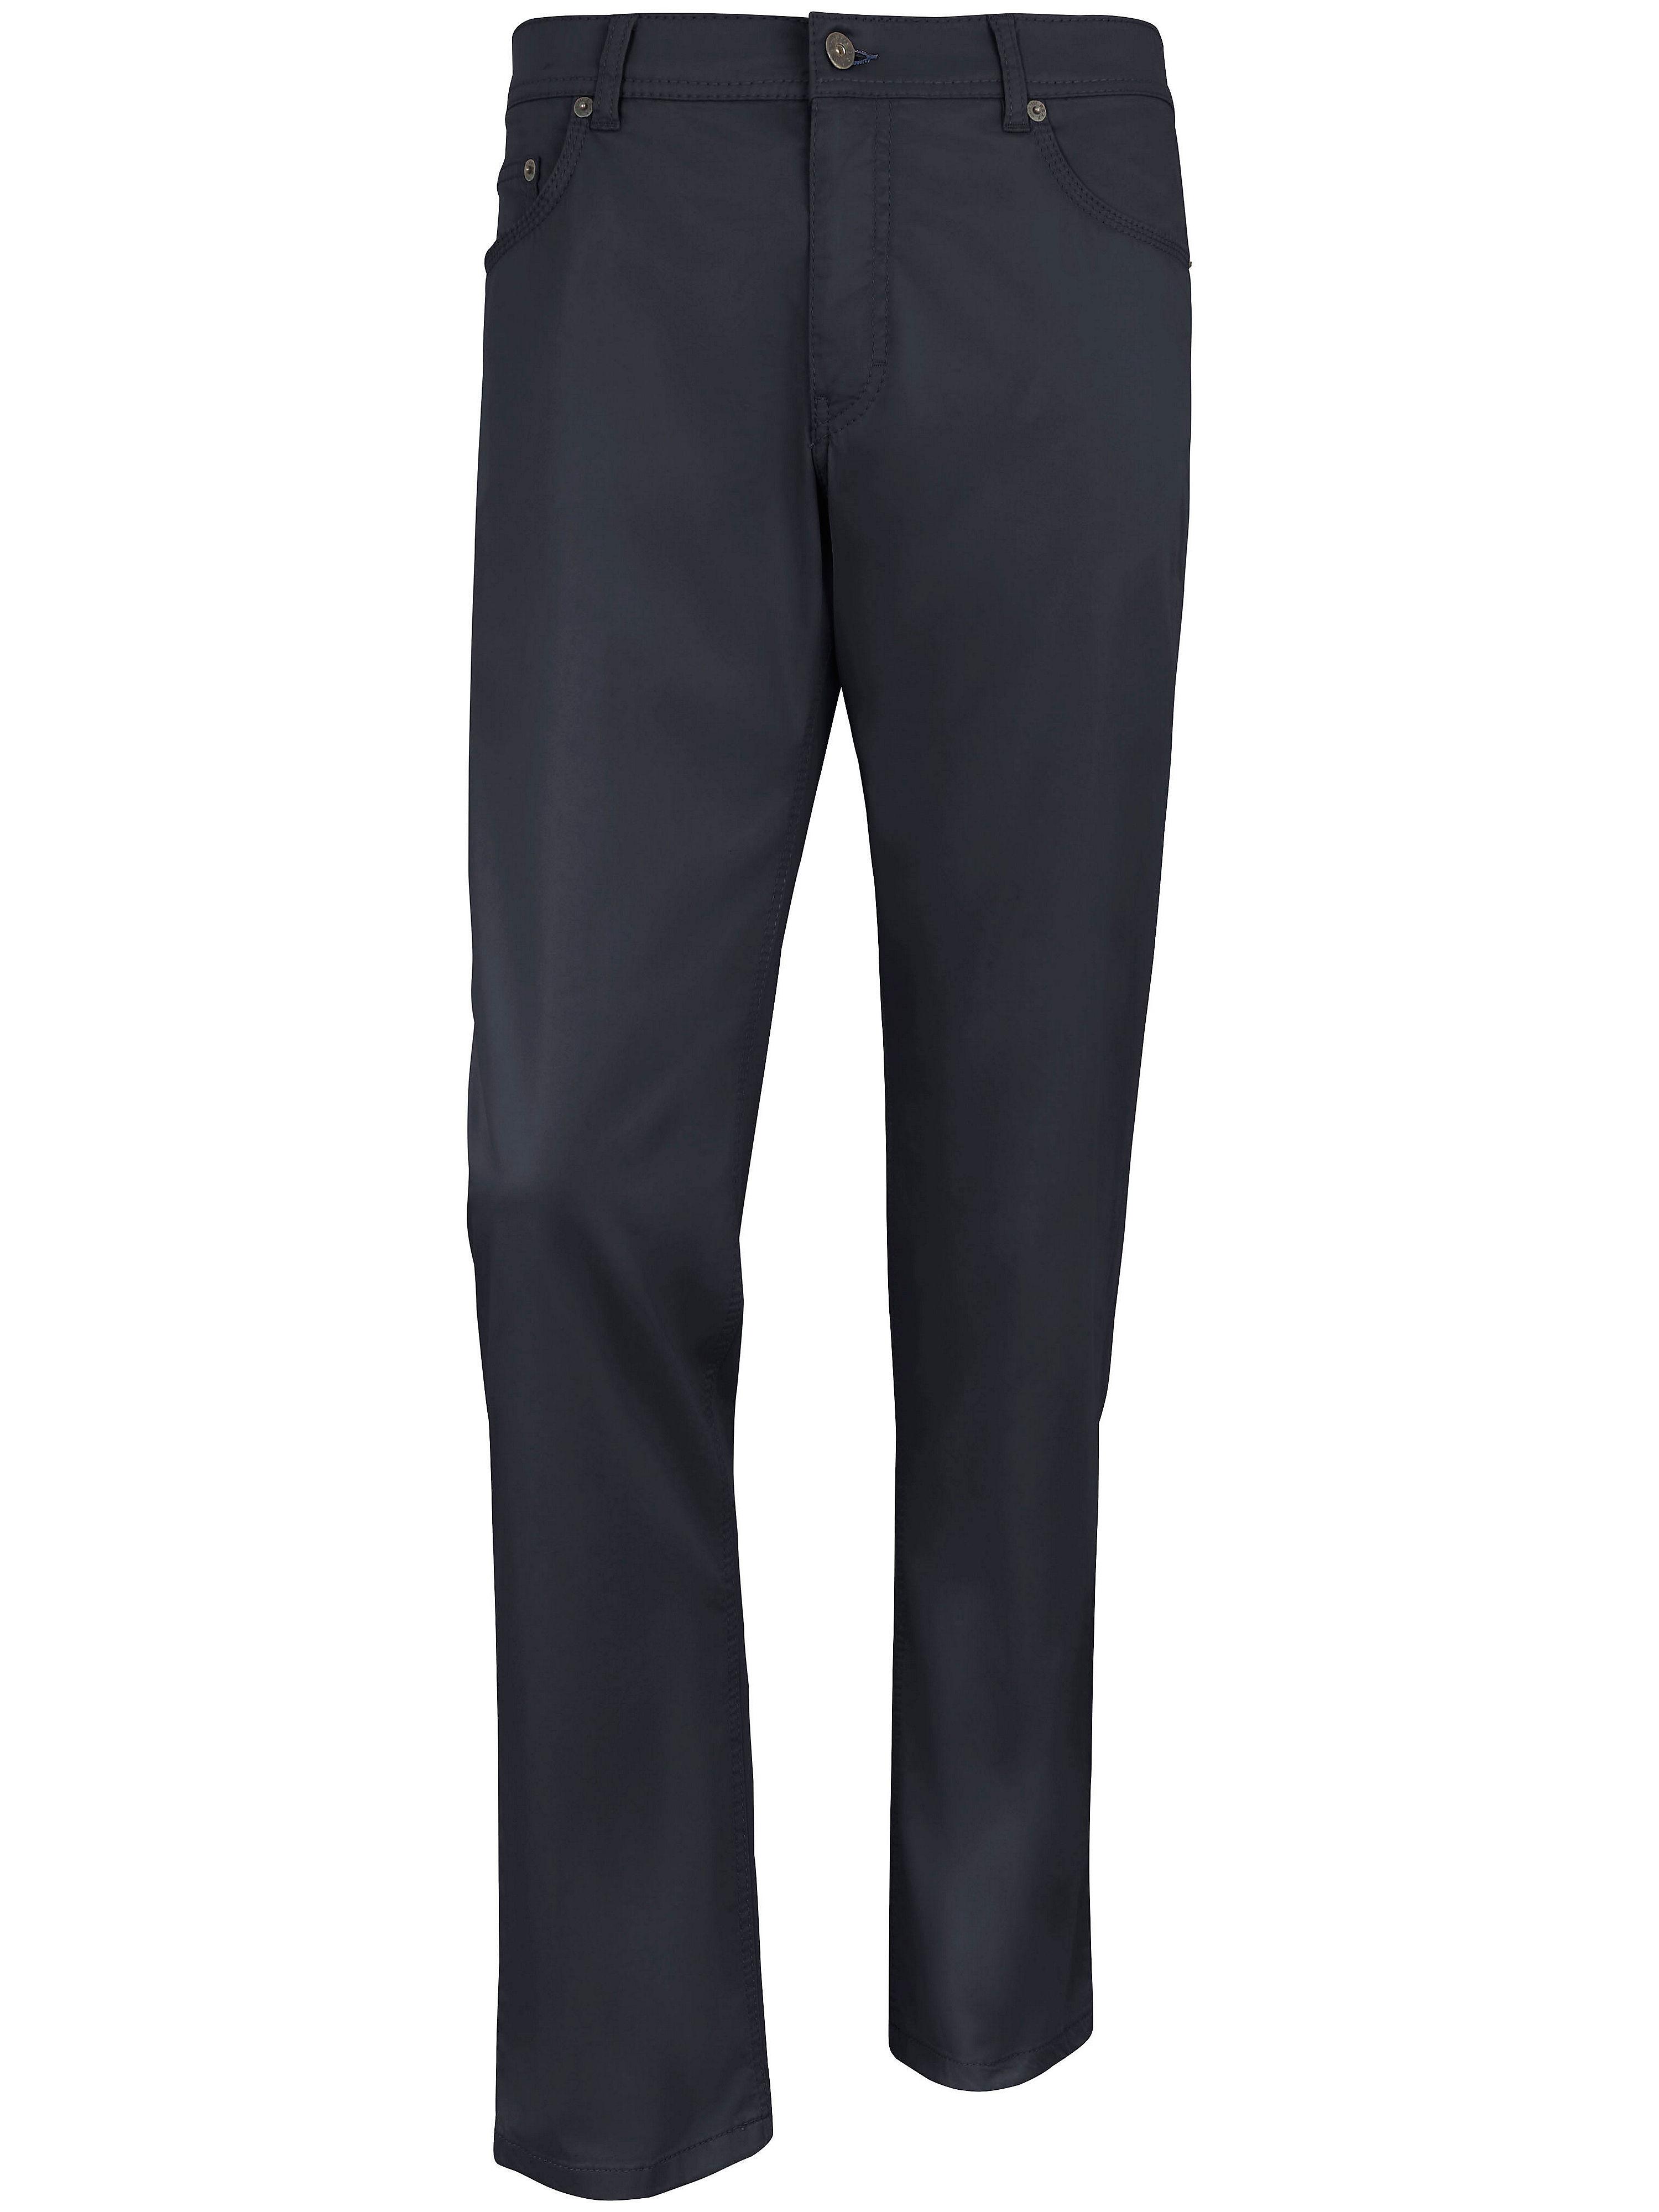 Image of   'Comfortable fit'-buks , model COOPER FANCY Fra Brax Feel Good blå